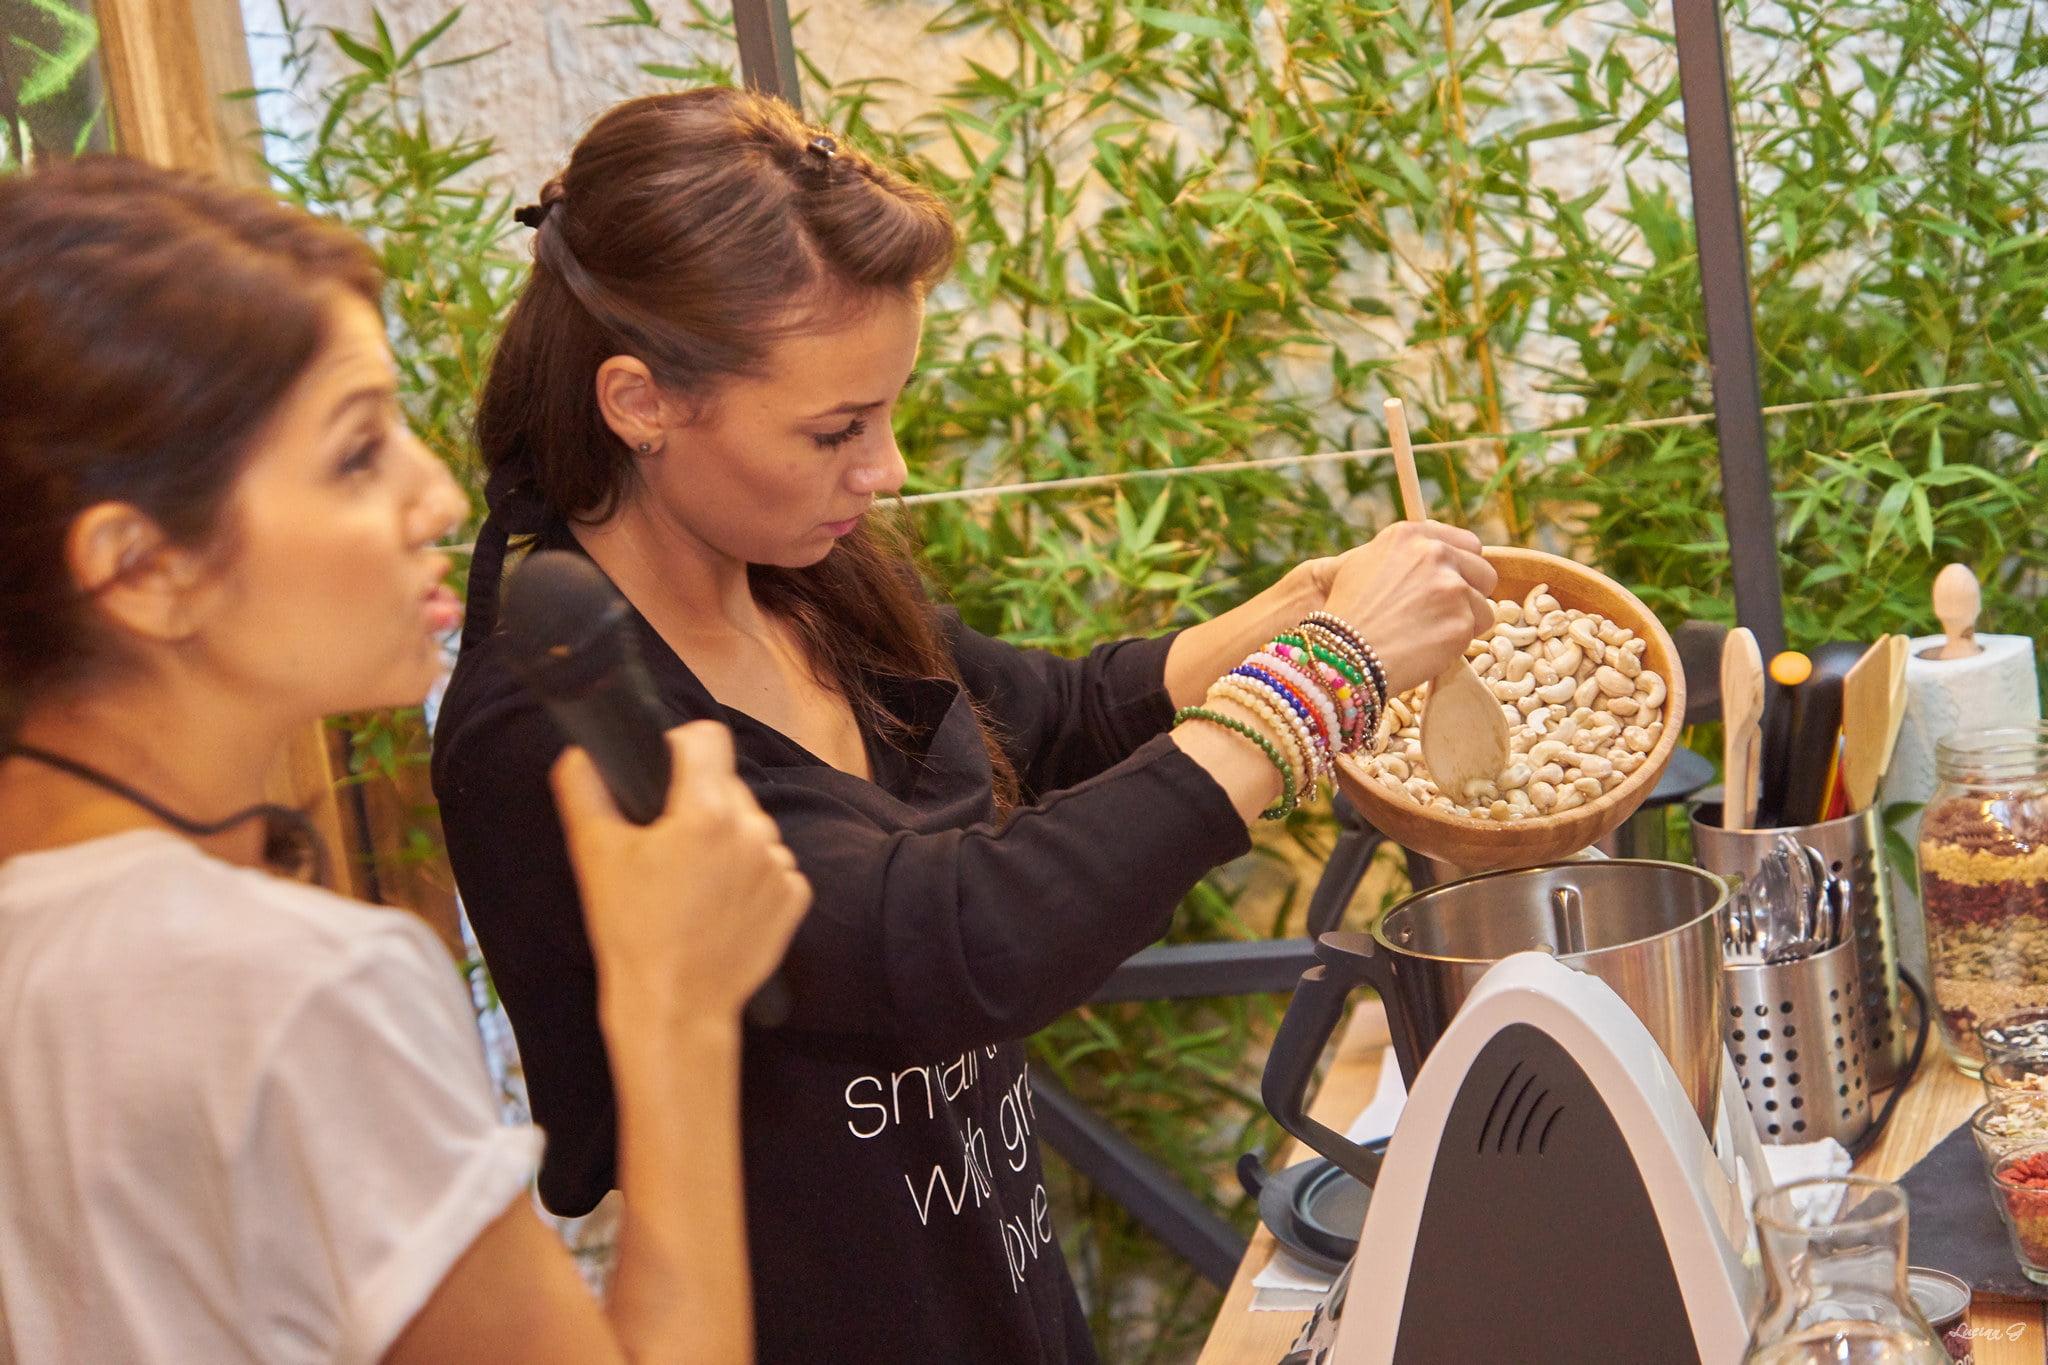 Tania Bordianu la Camara cu Merinde